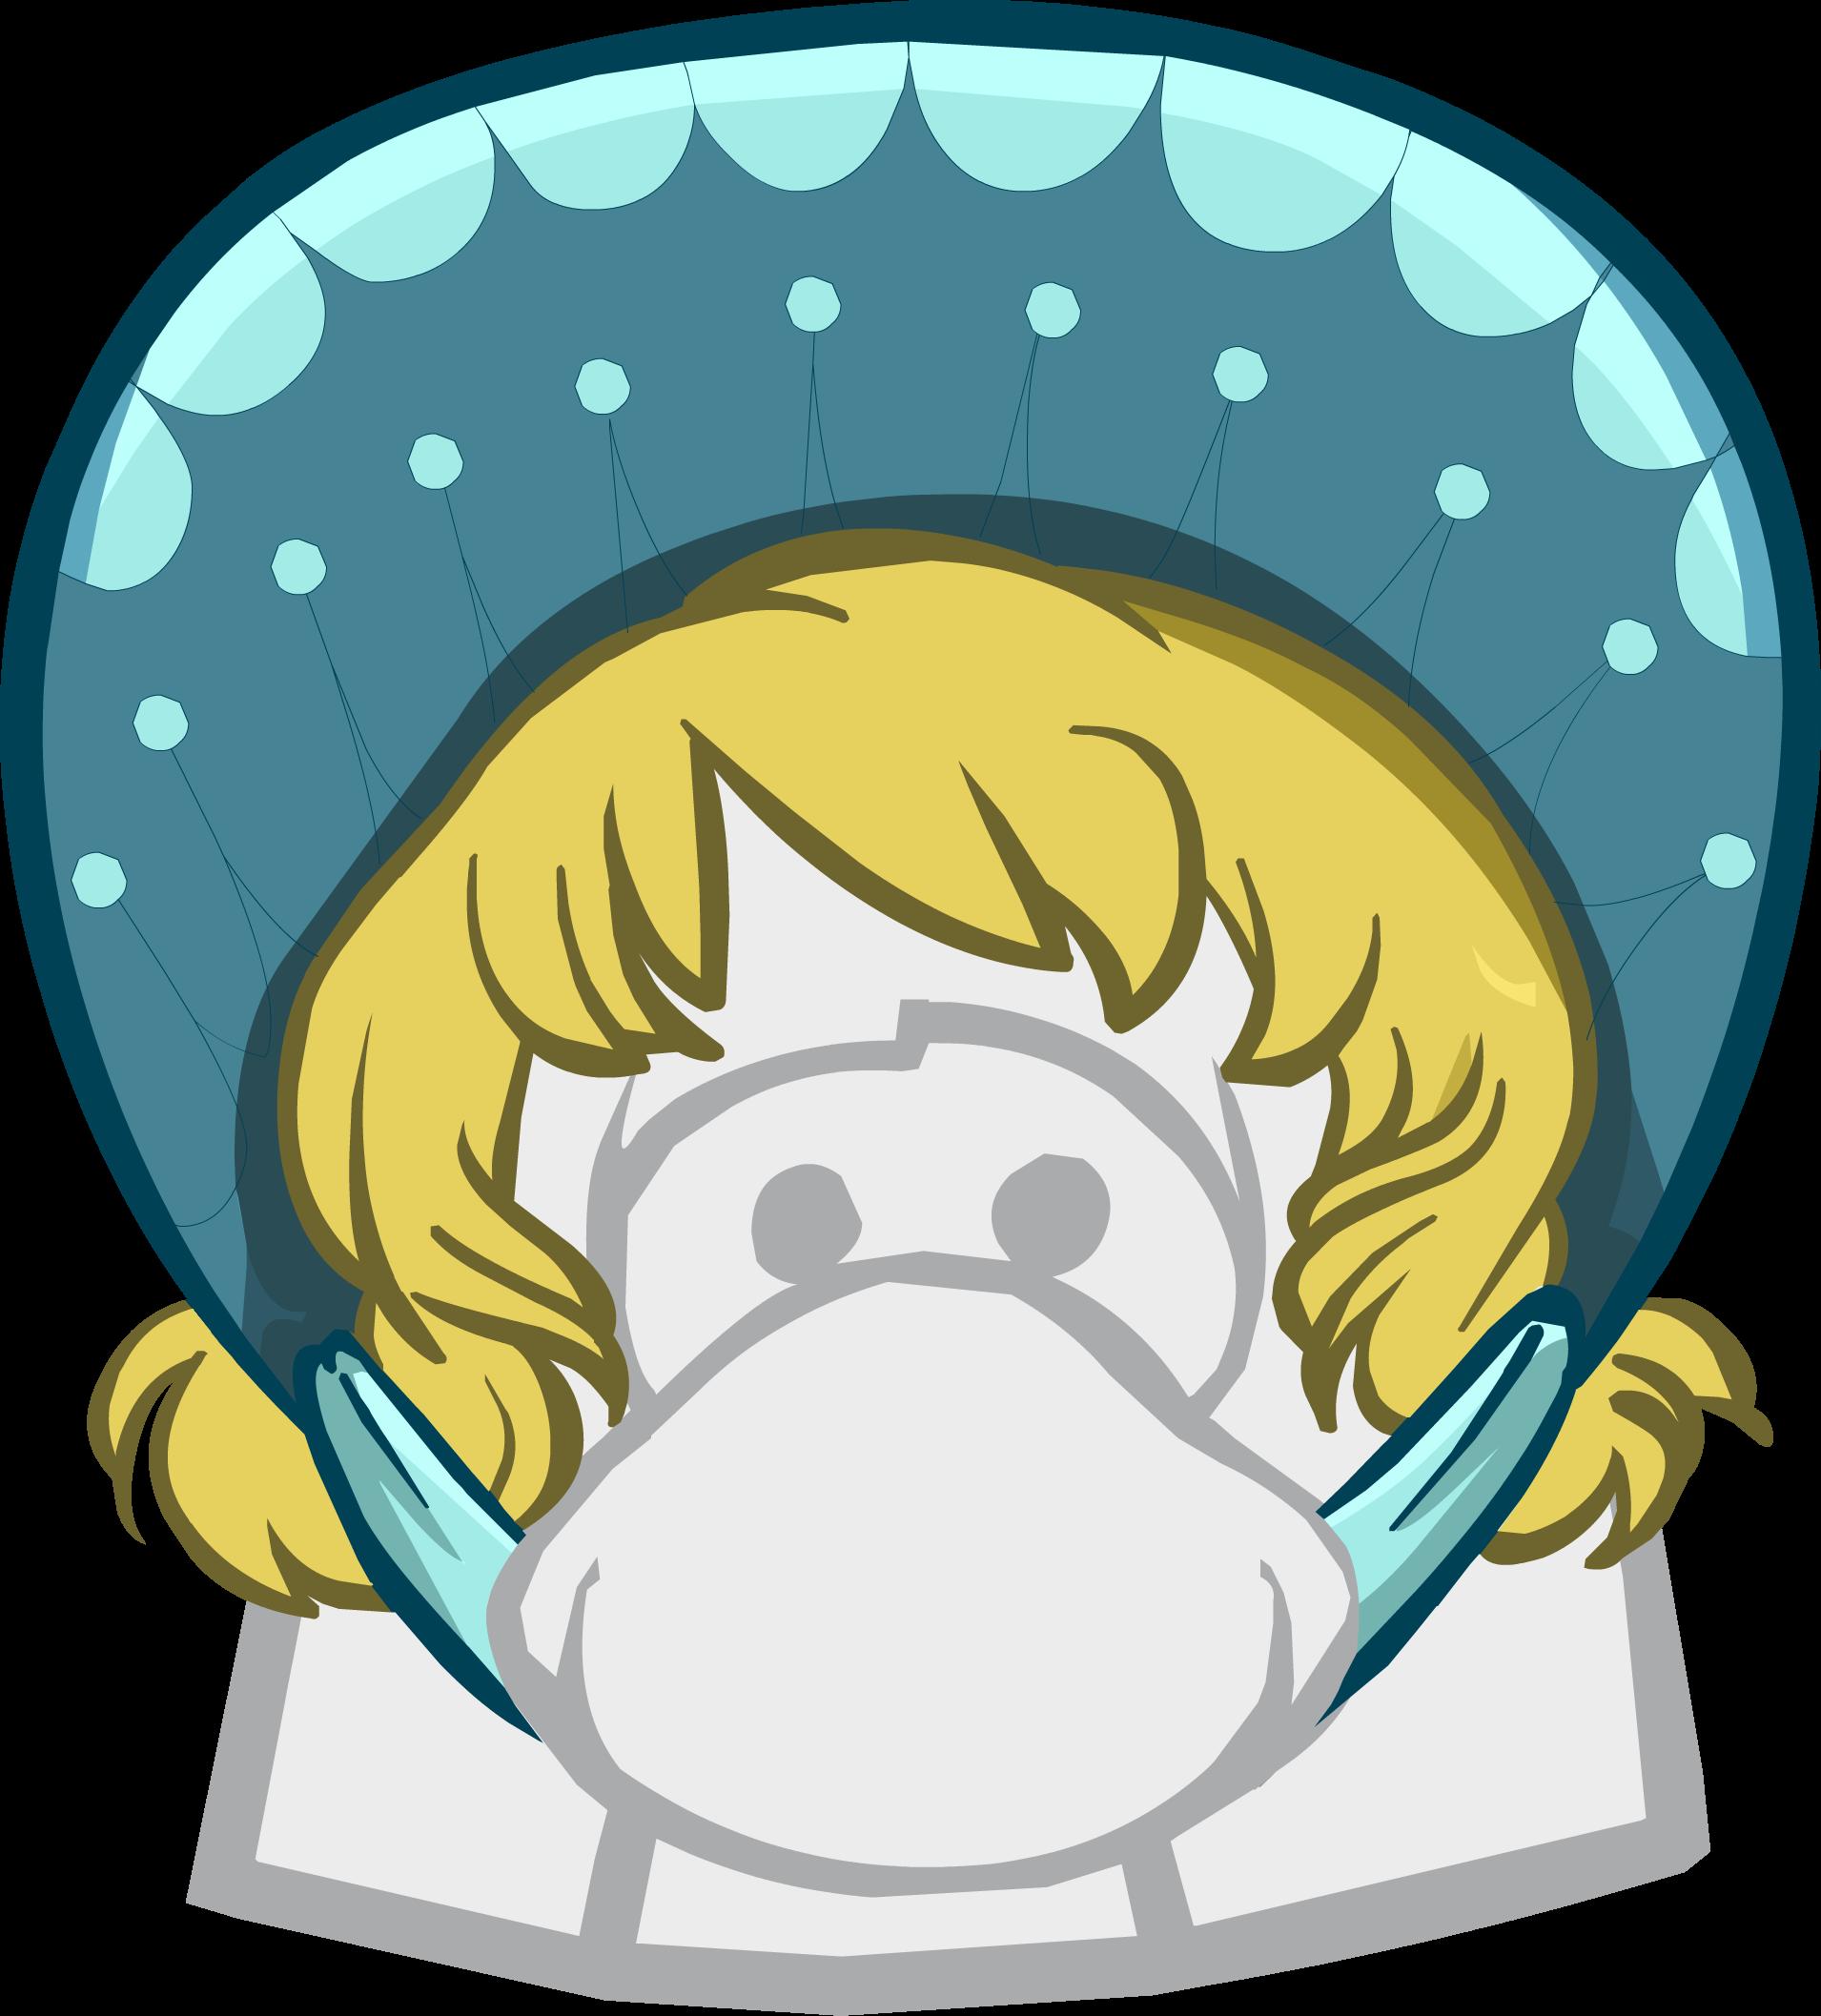 Caroler's Bonnet